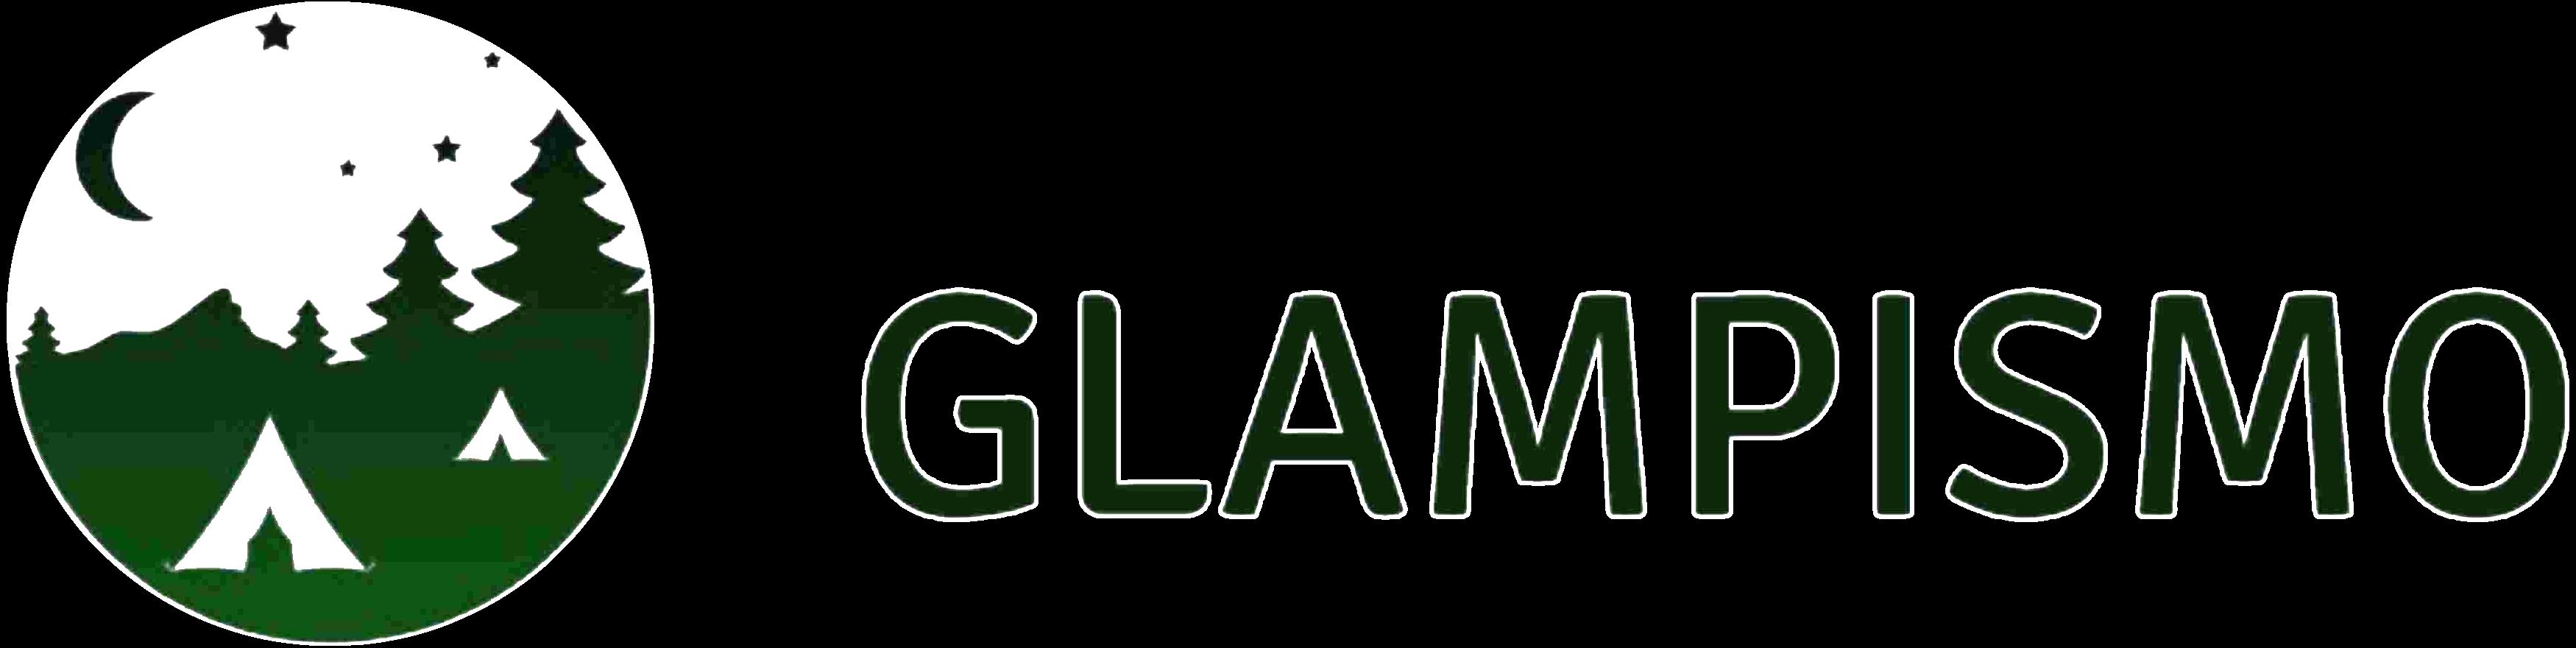 """En glampismo descubrirás todo sobre el glamping – El """"camping con glamour"""" que mejor se adapta a tí."""